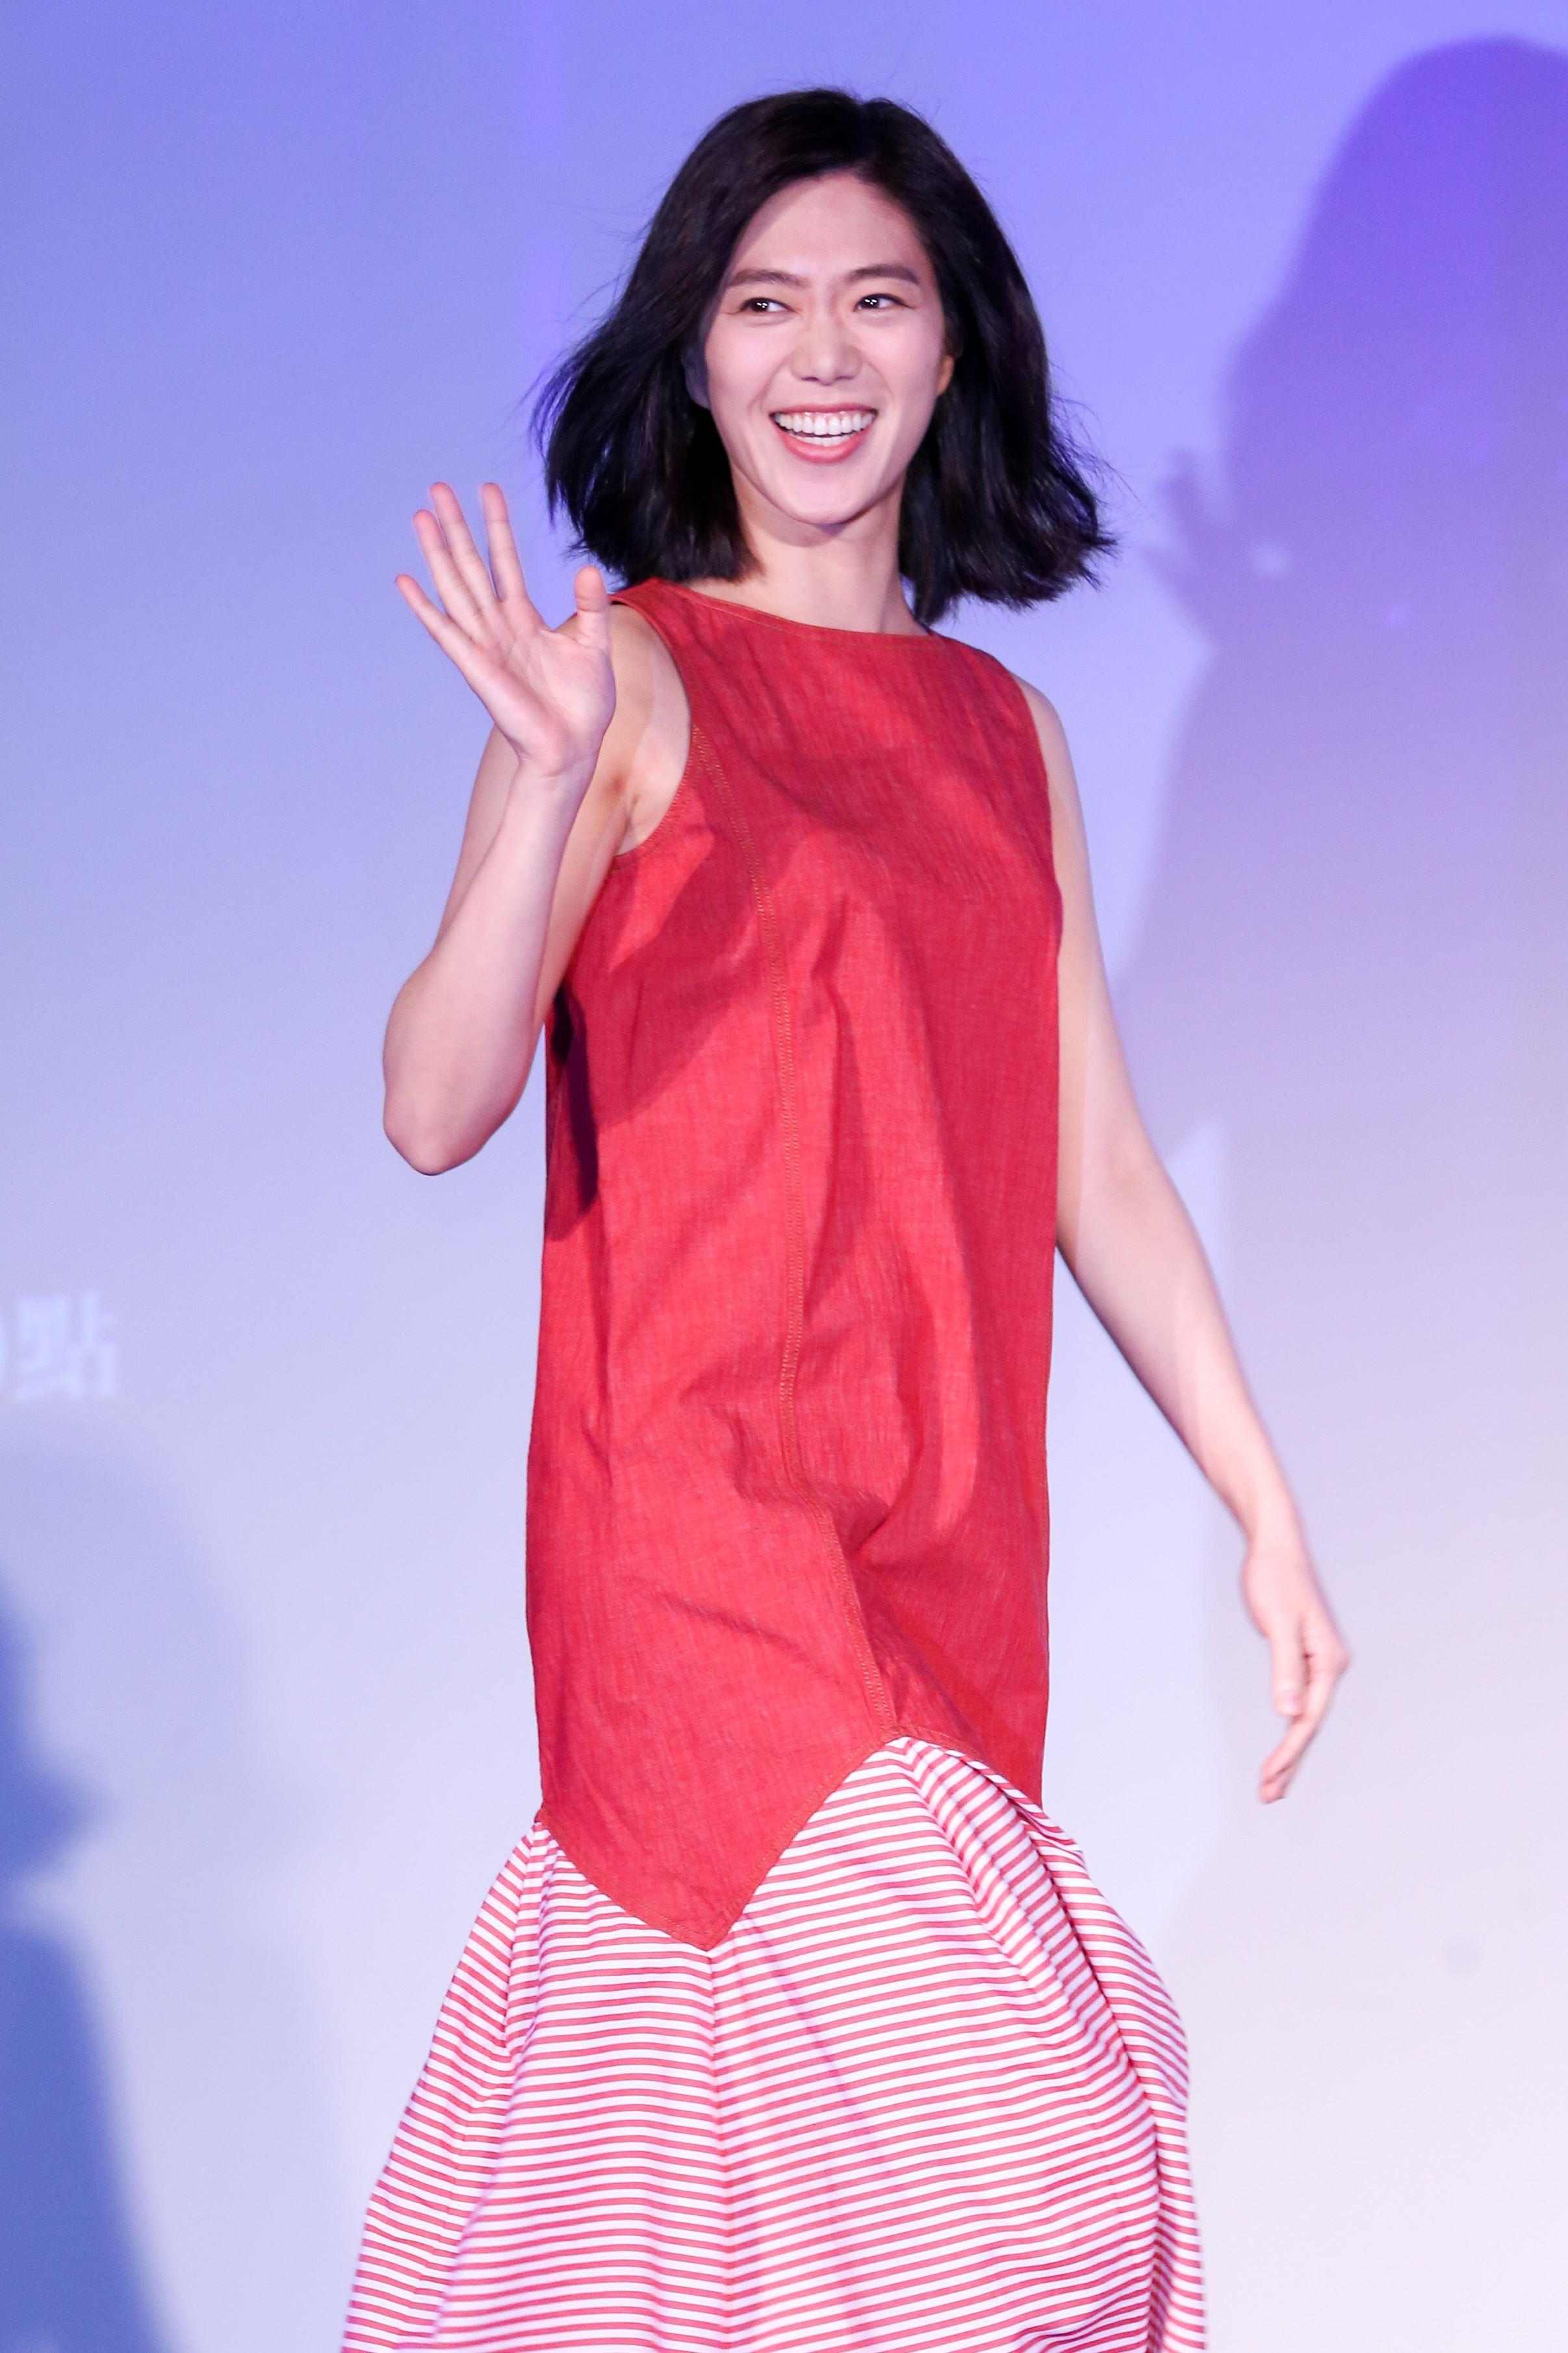 平行時空劇《如果愛,重來》首映會,演員鄧九雲。(記者林士傑/攝影)